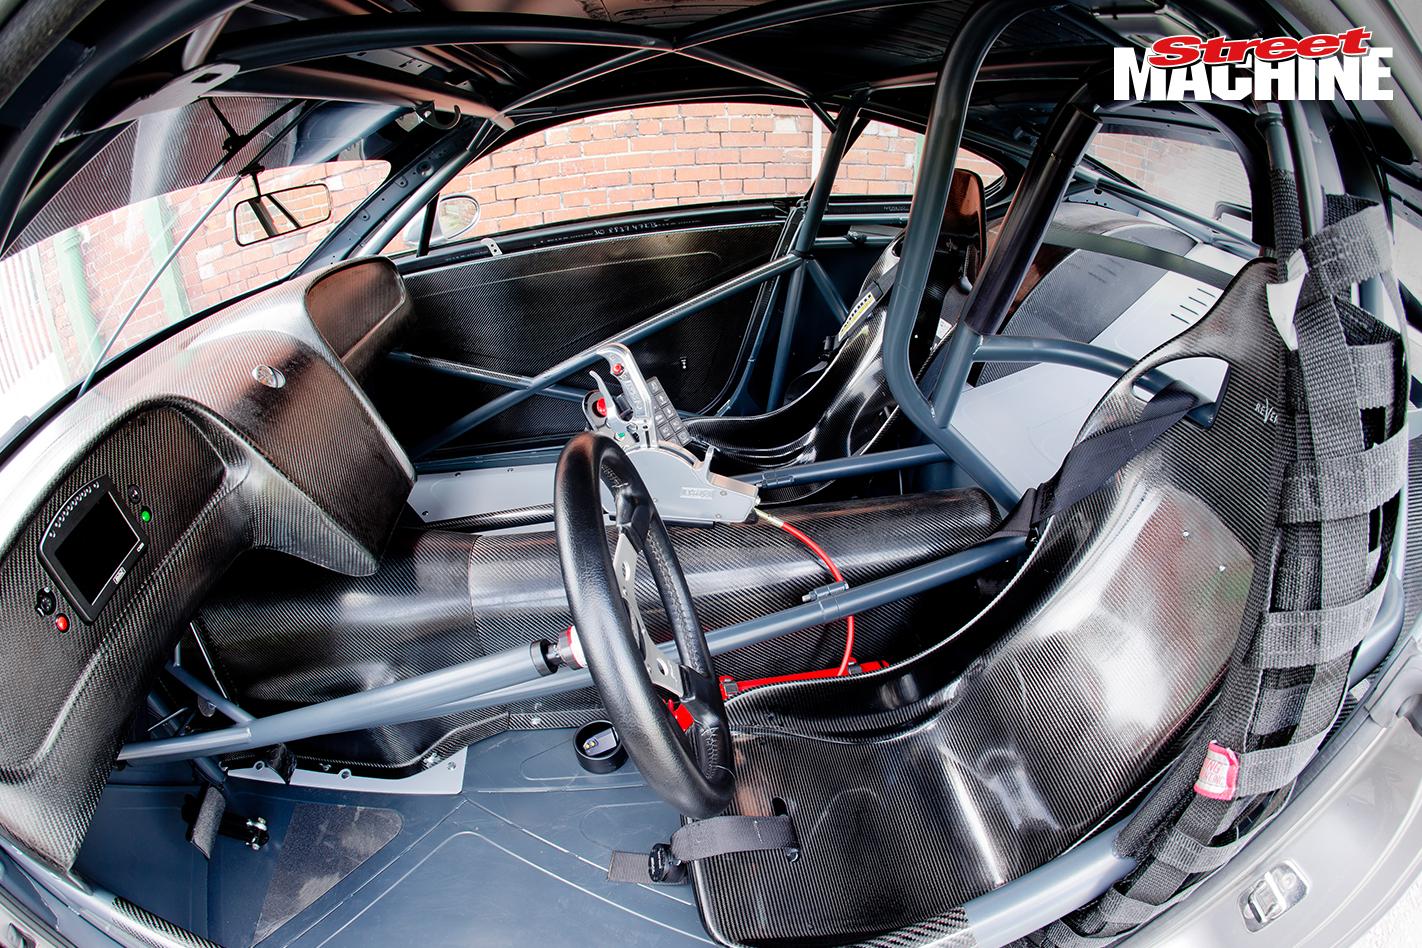 Bentley GT Drag Race Car 6 Nw